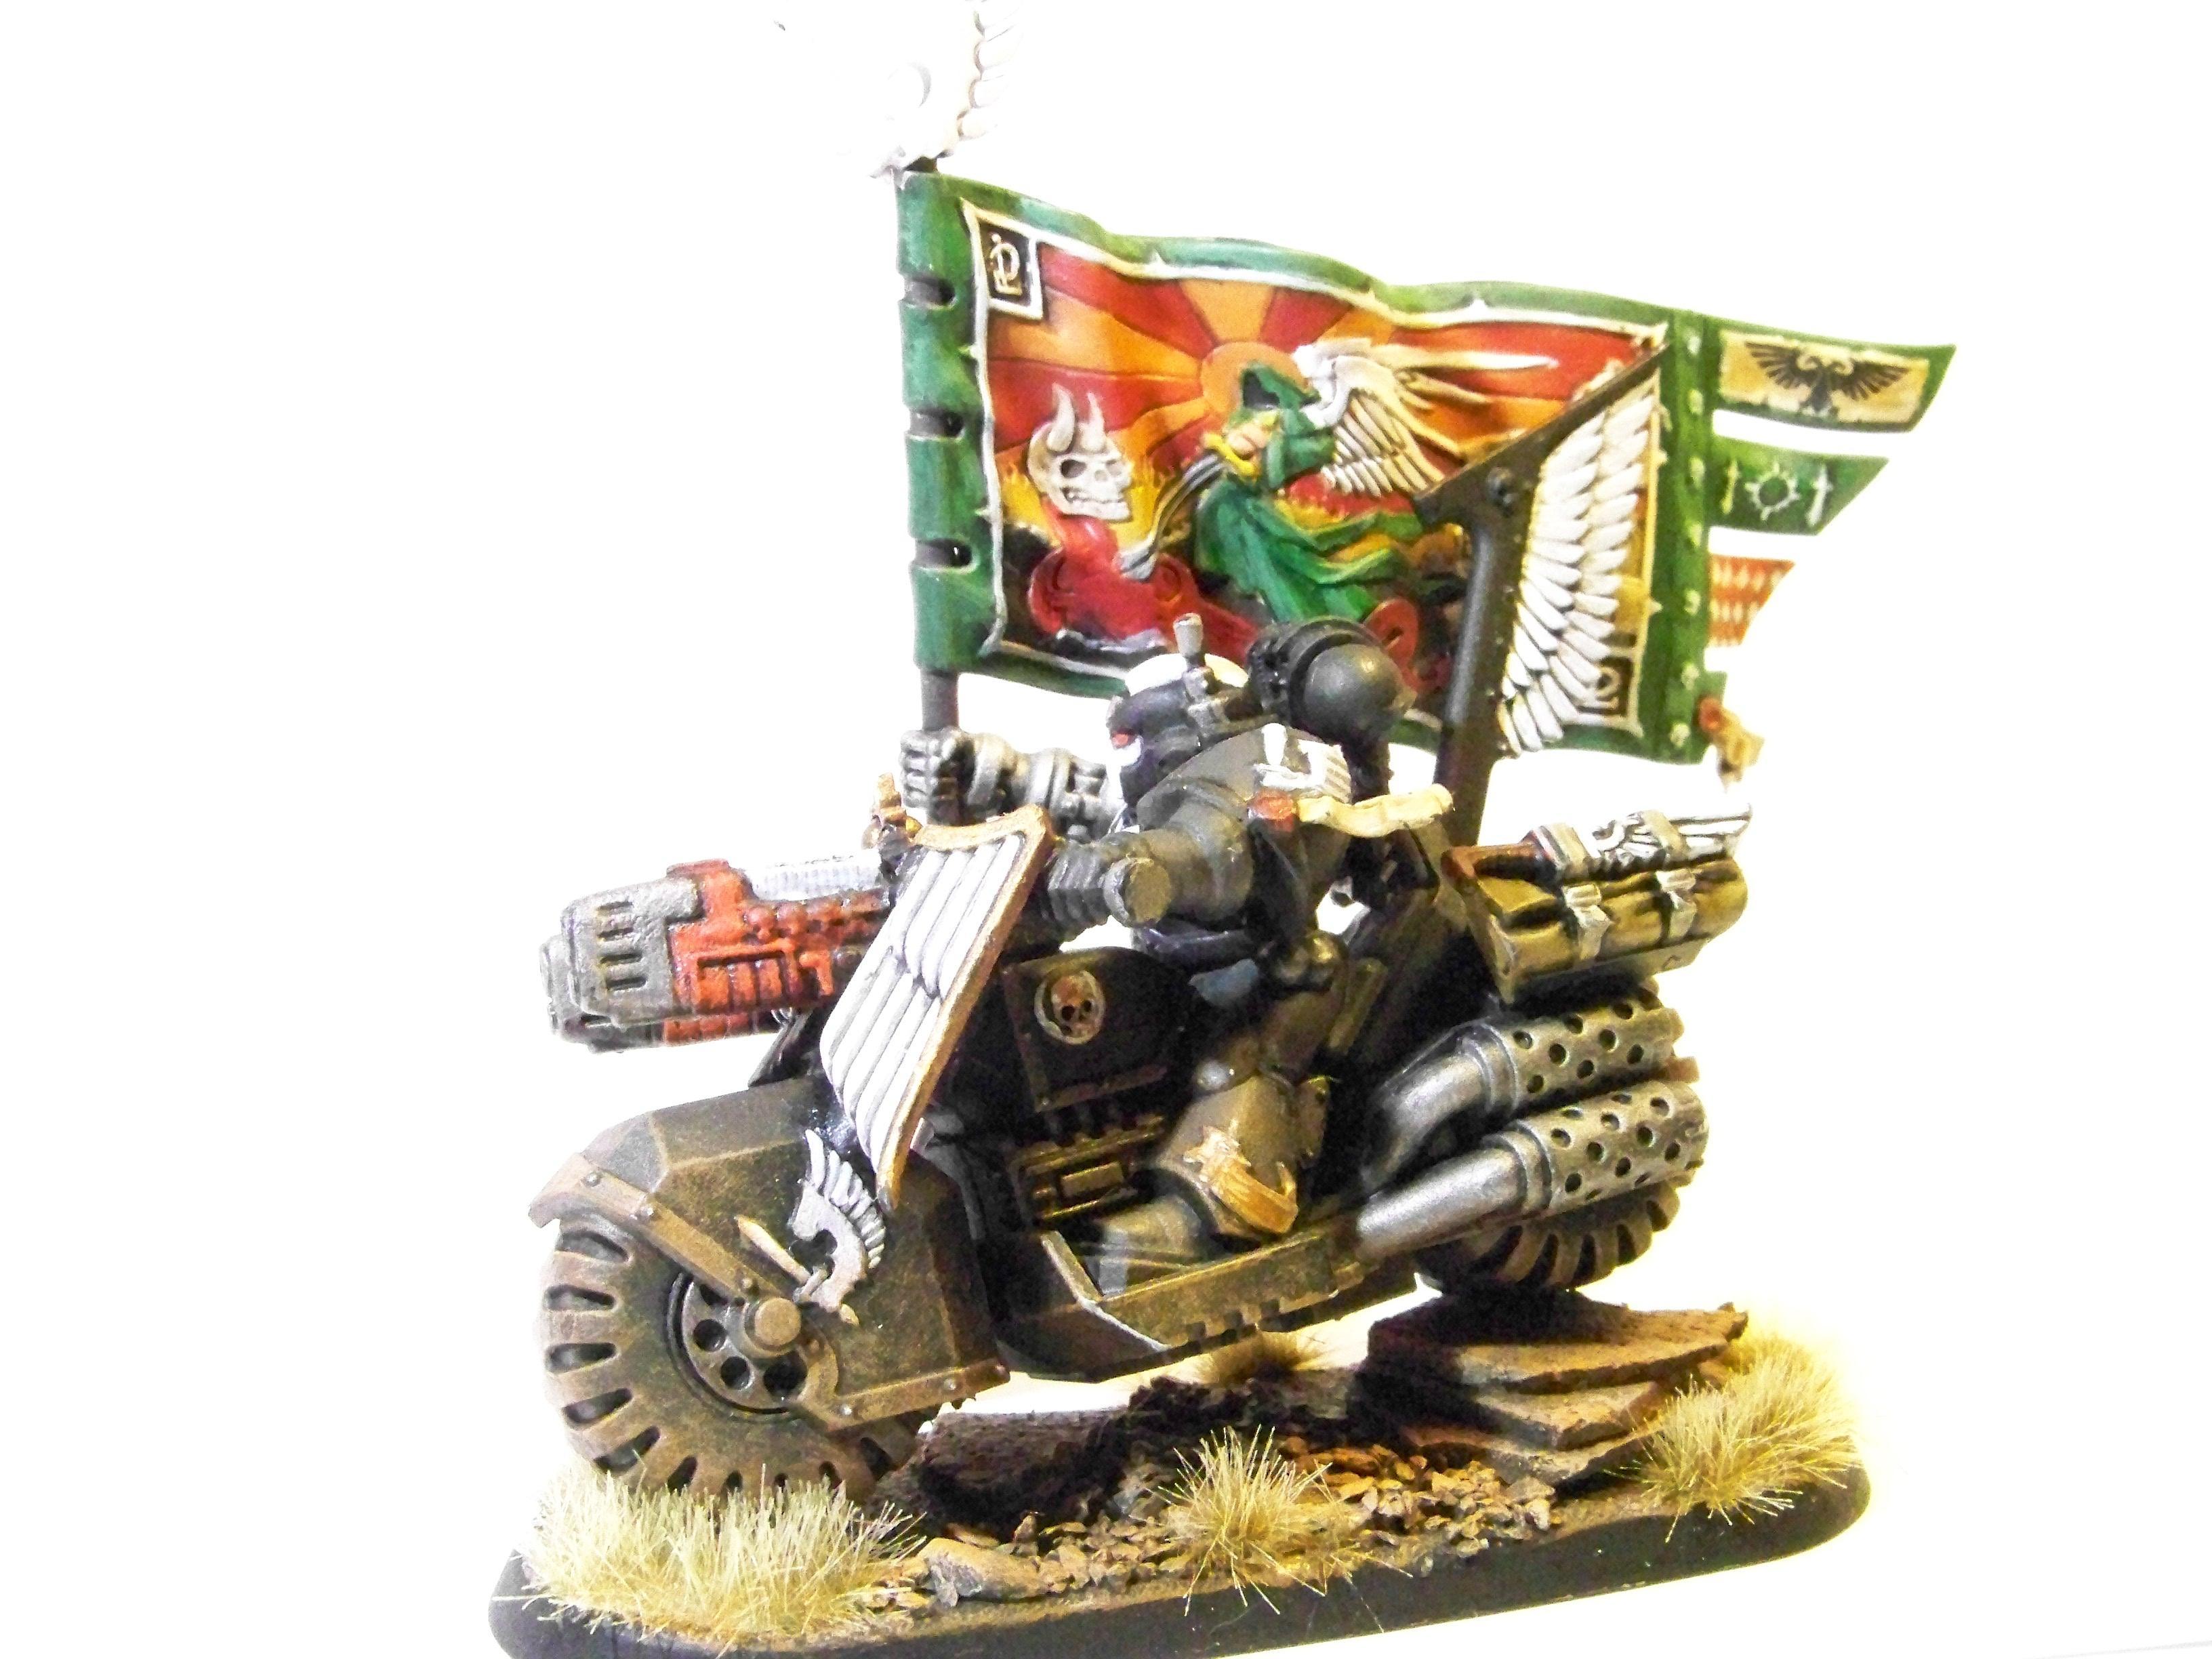 Dark Angels, Kool, Space Marines, Warhammer 40,000